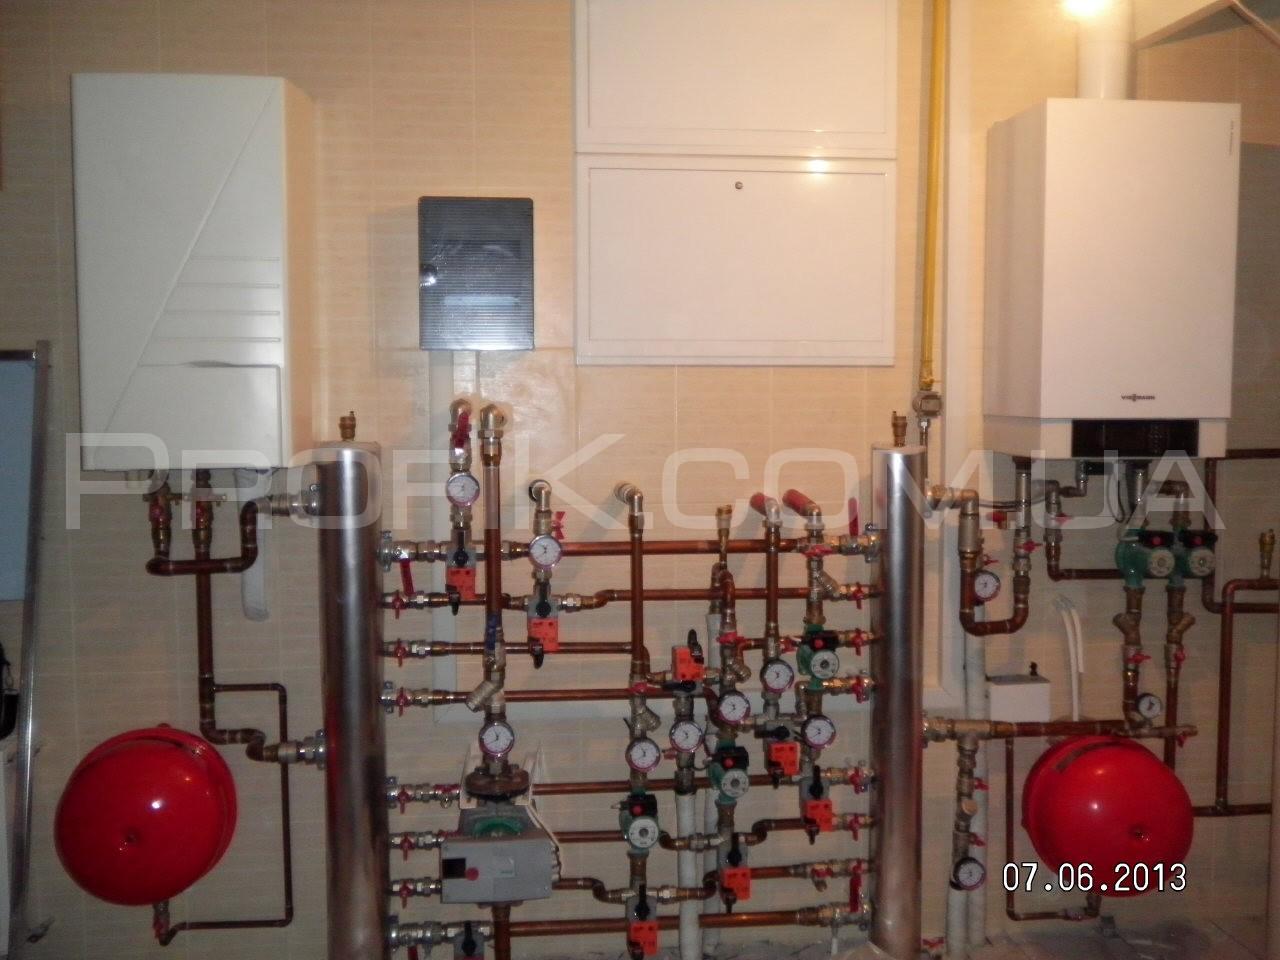 otoplenie gazom i elektrichestvom odessa